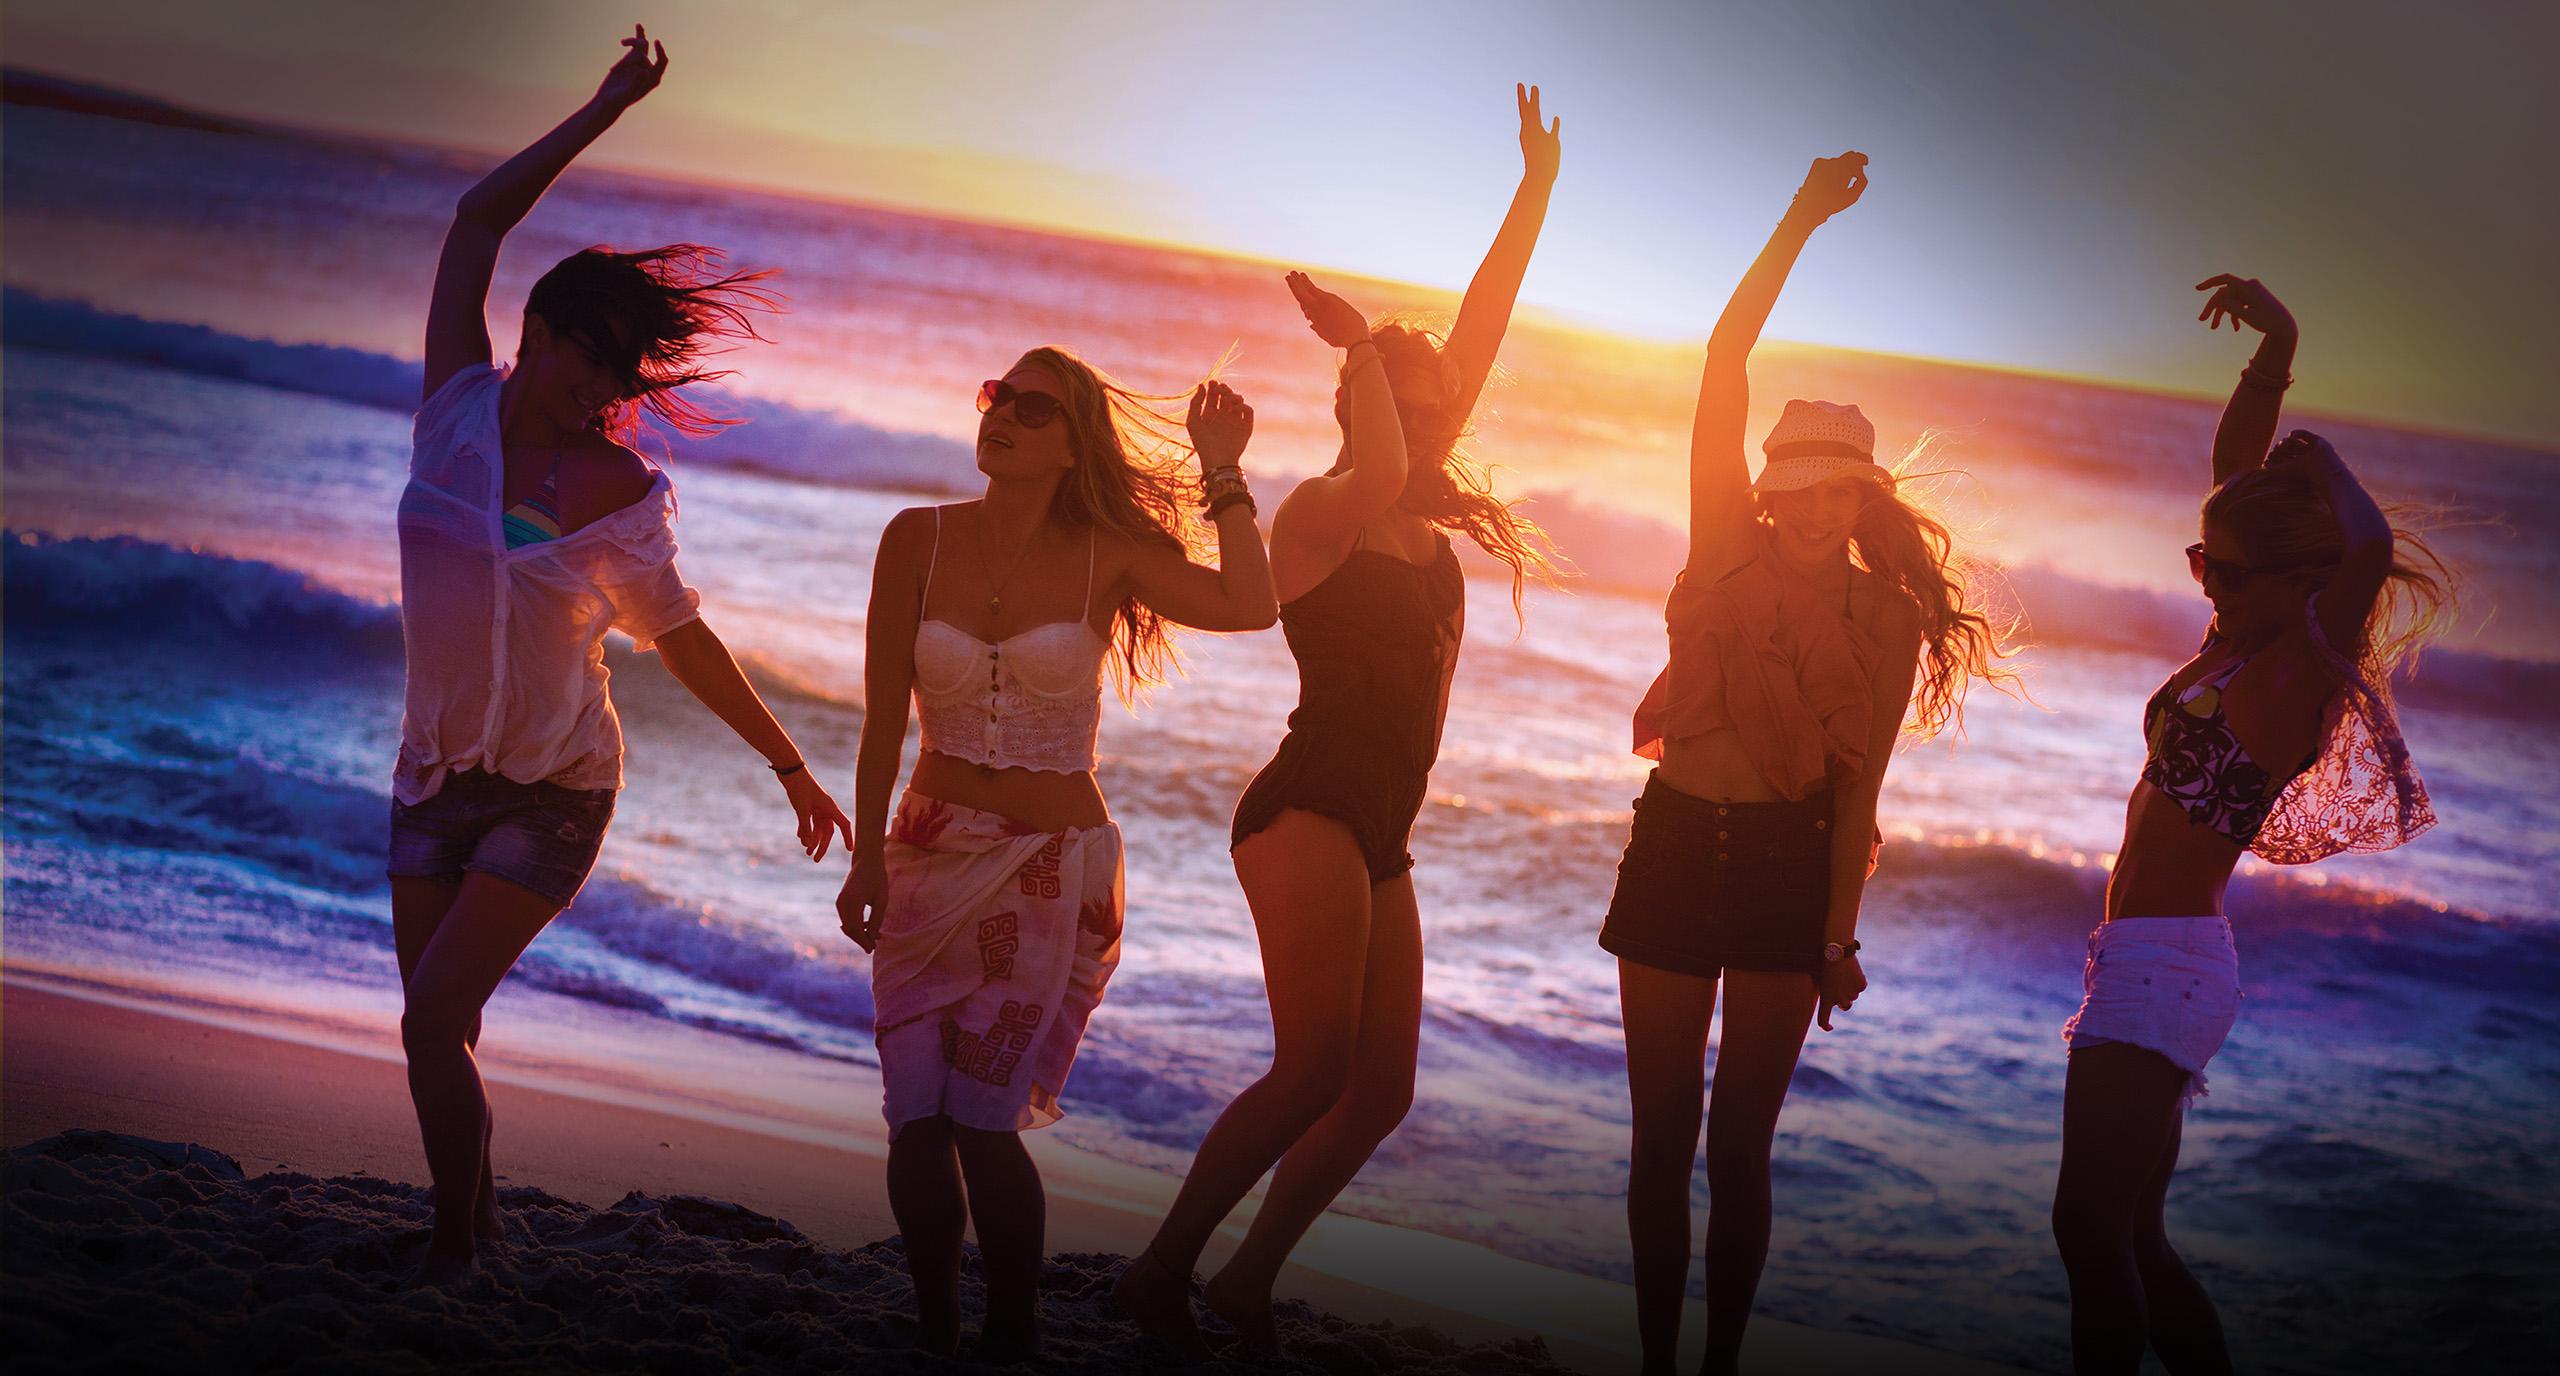 girls dancing on a beach